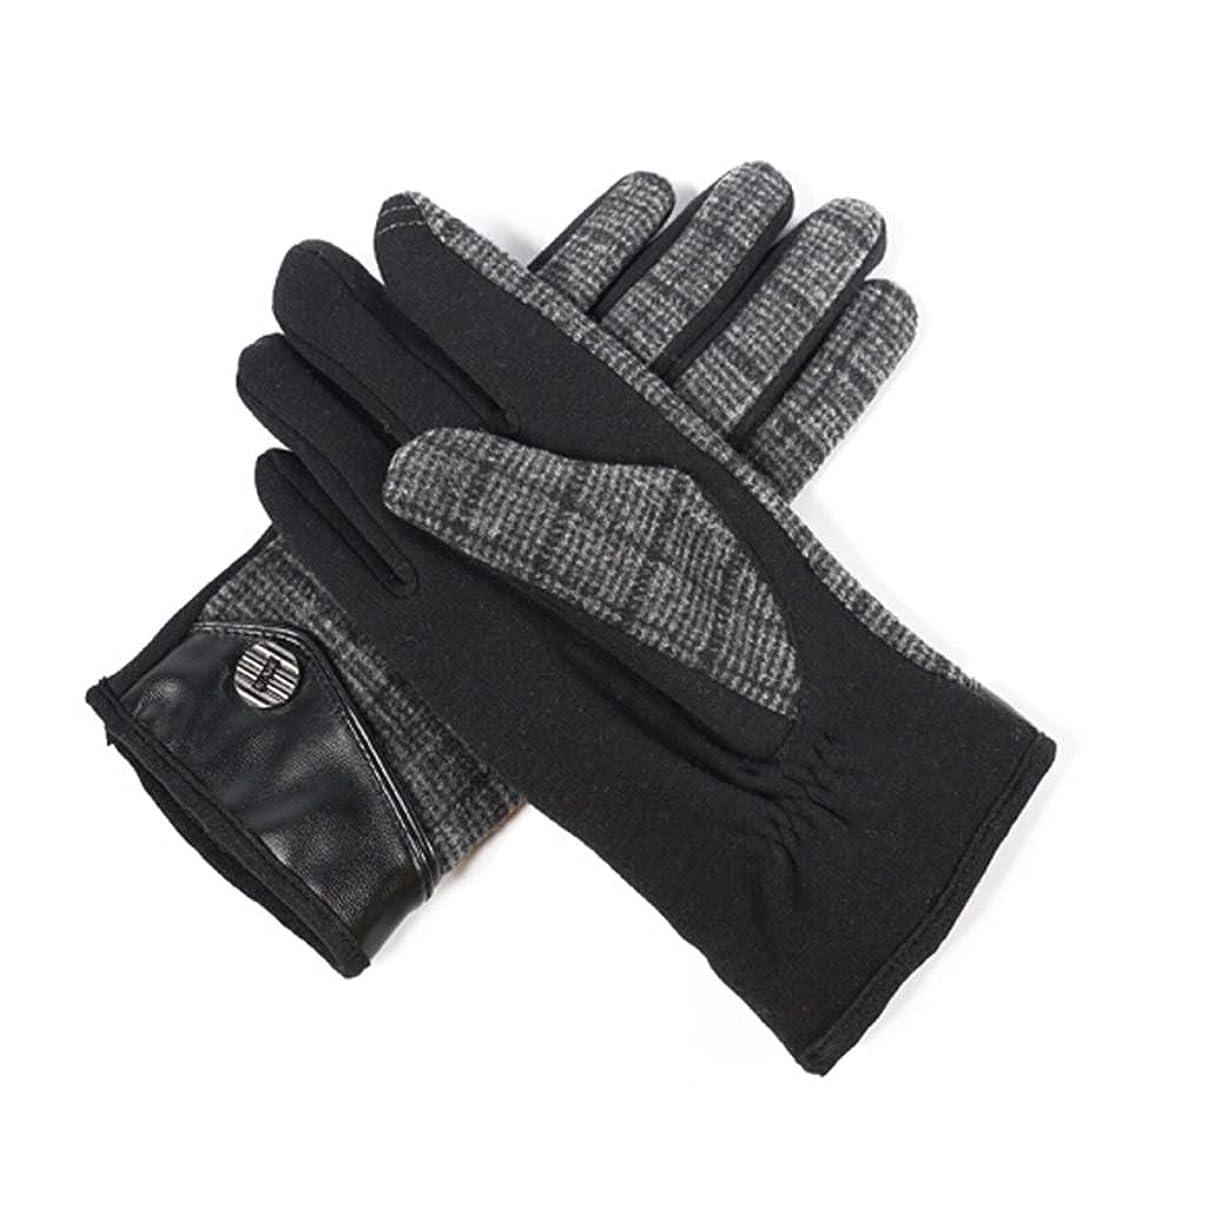 杖どんなときも実験暖かいメンズサイクリング用手袋を保つための男性用手袋プラスベルベットの秋冬用手袋